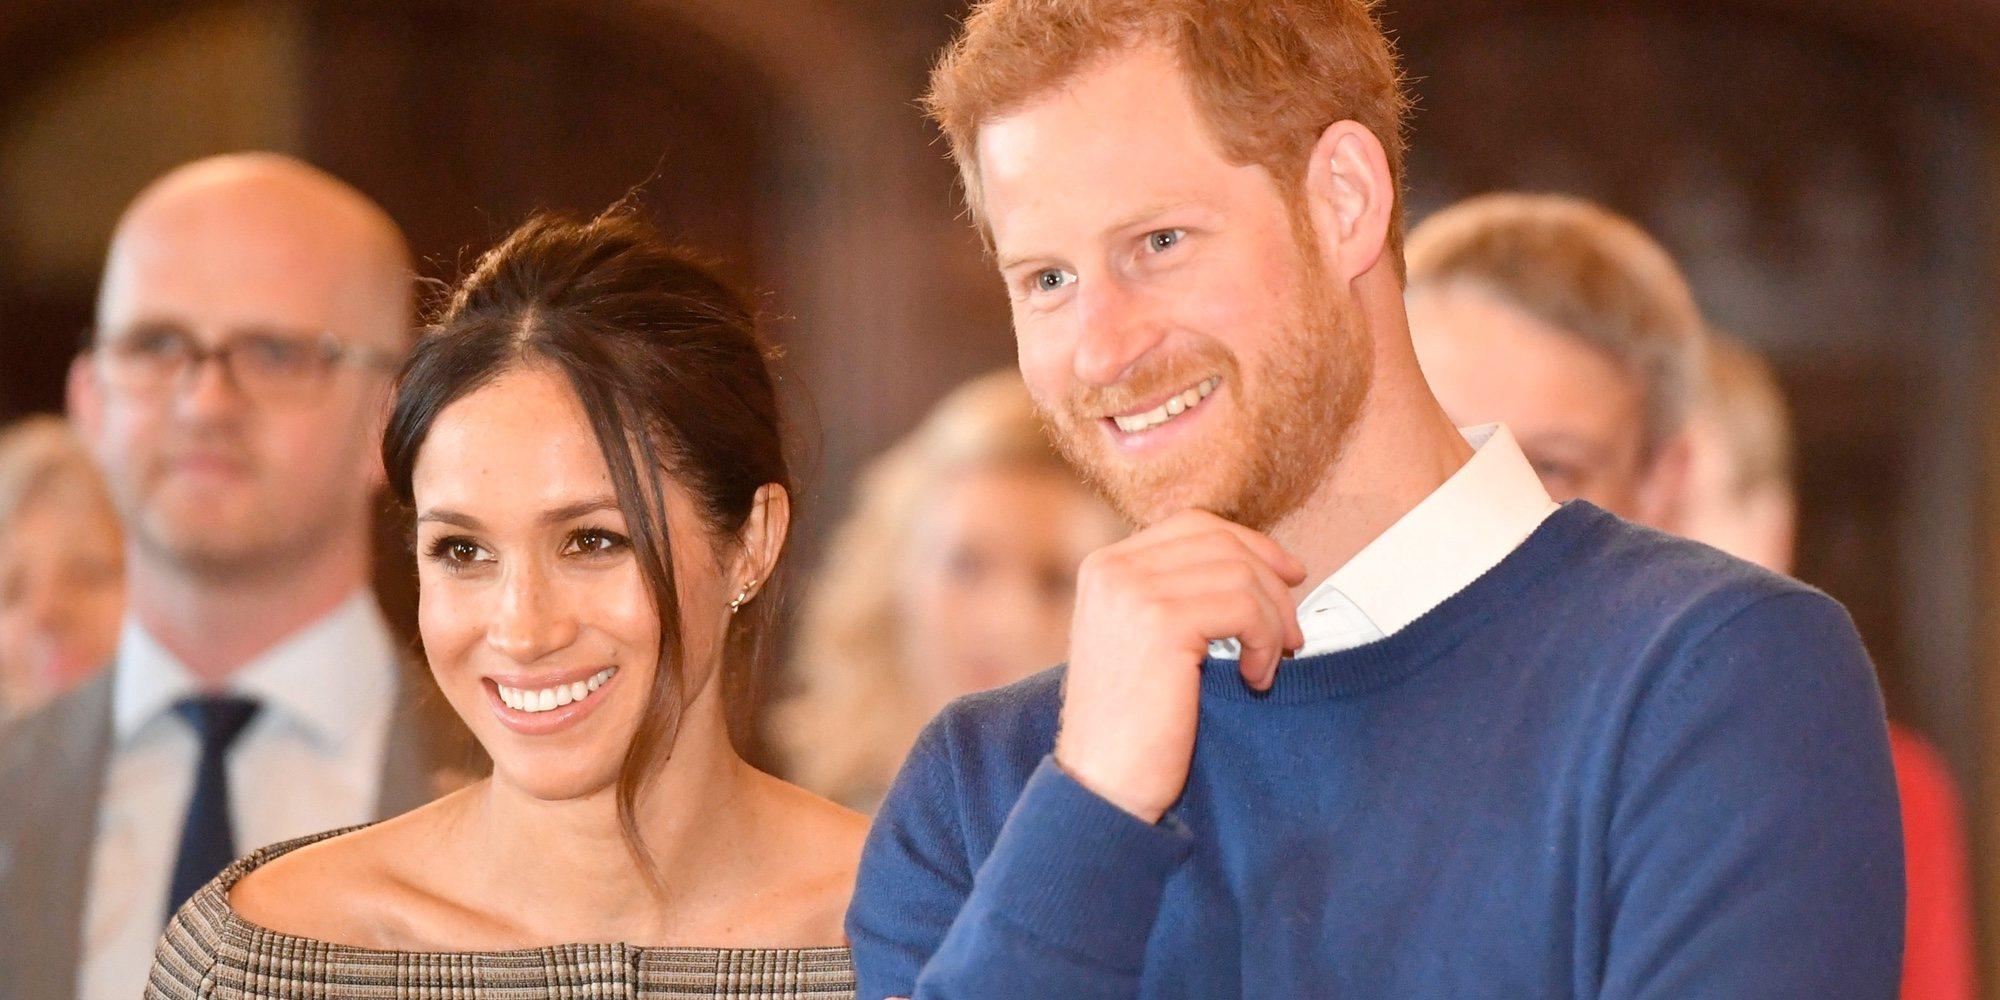 Todo lo que implica la renuncia del Príncipe Harry y Meghan Markle: así será su vida, su labor y su financiación